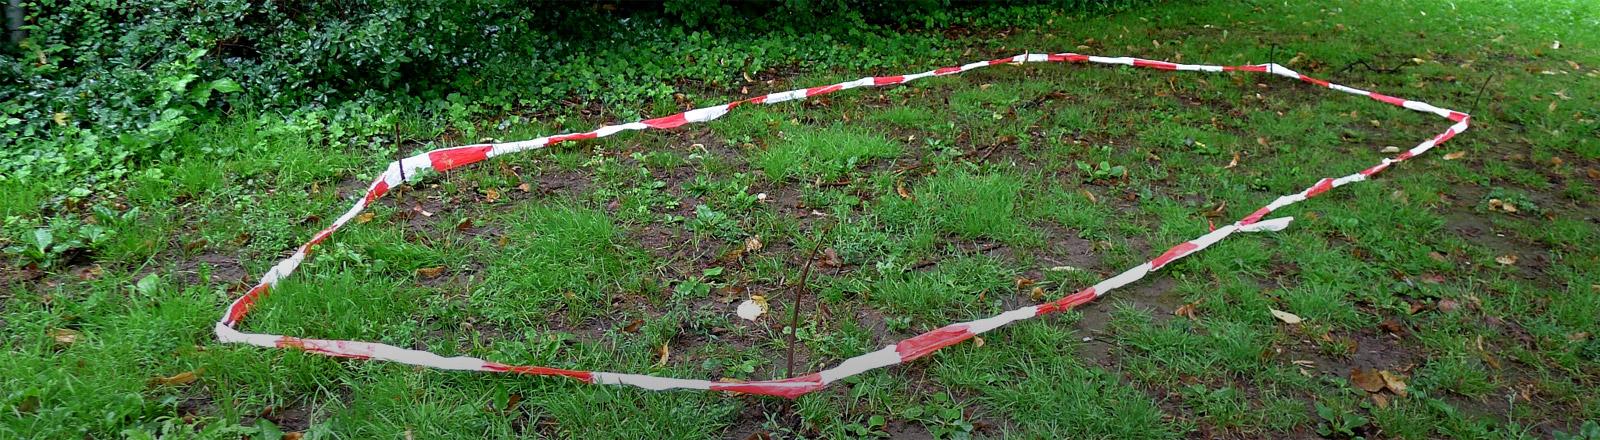 Auf einer Rasenfläche ist mit Absperrband die Position des verschwundenen Zeltes markiert